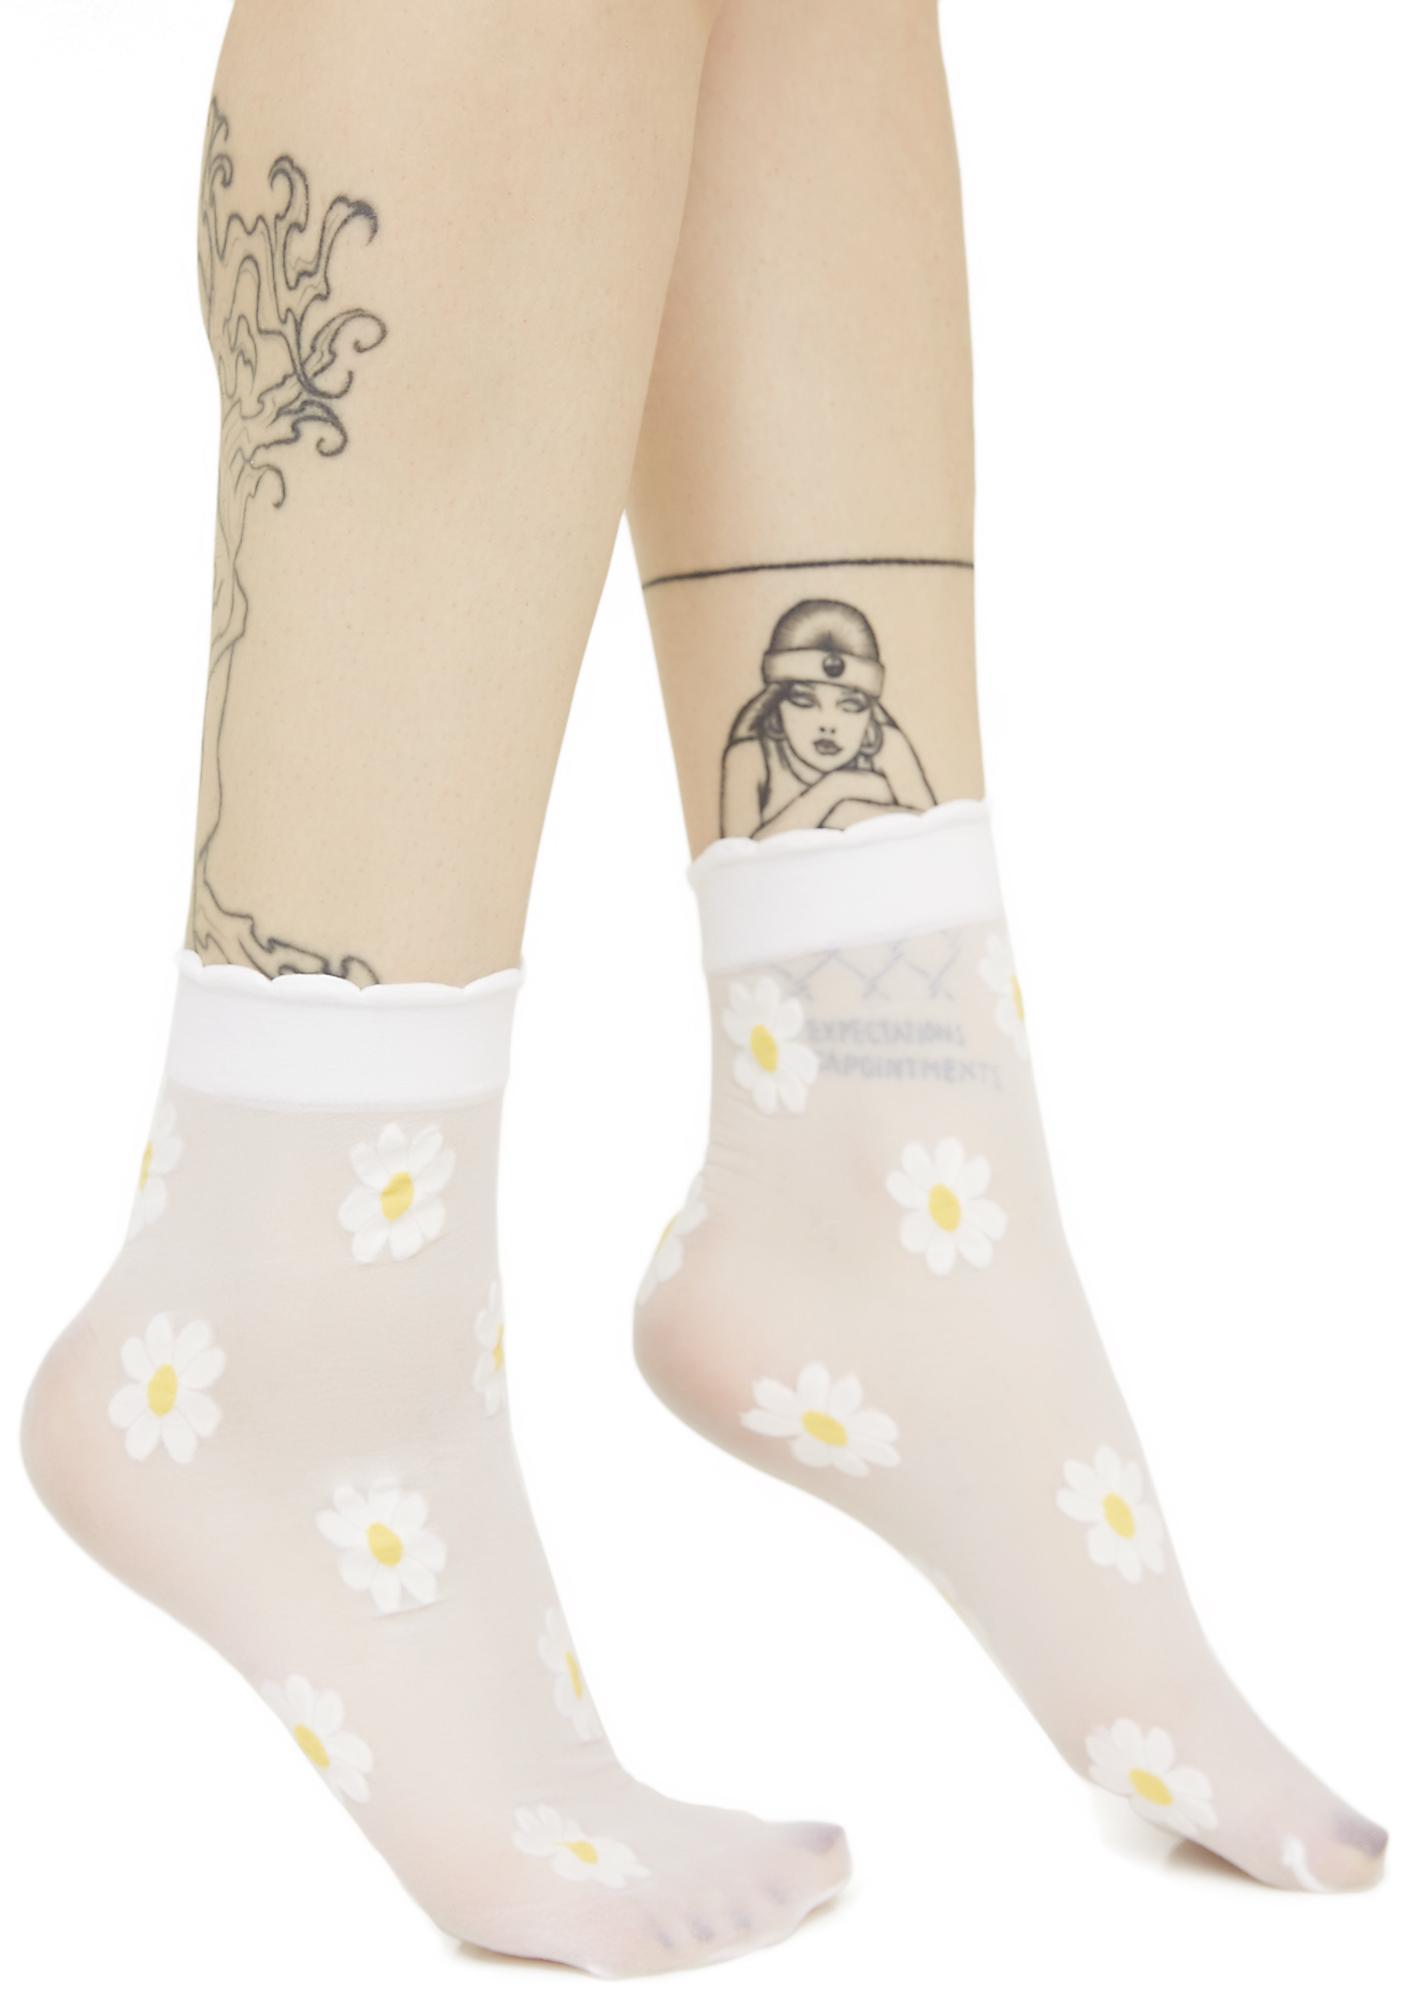 45fab2d23 Fields Of Flowers Sheer Ankle Socks